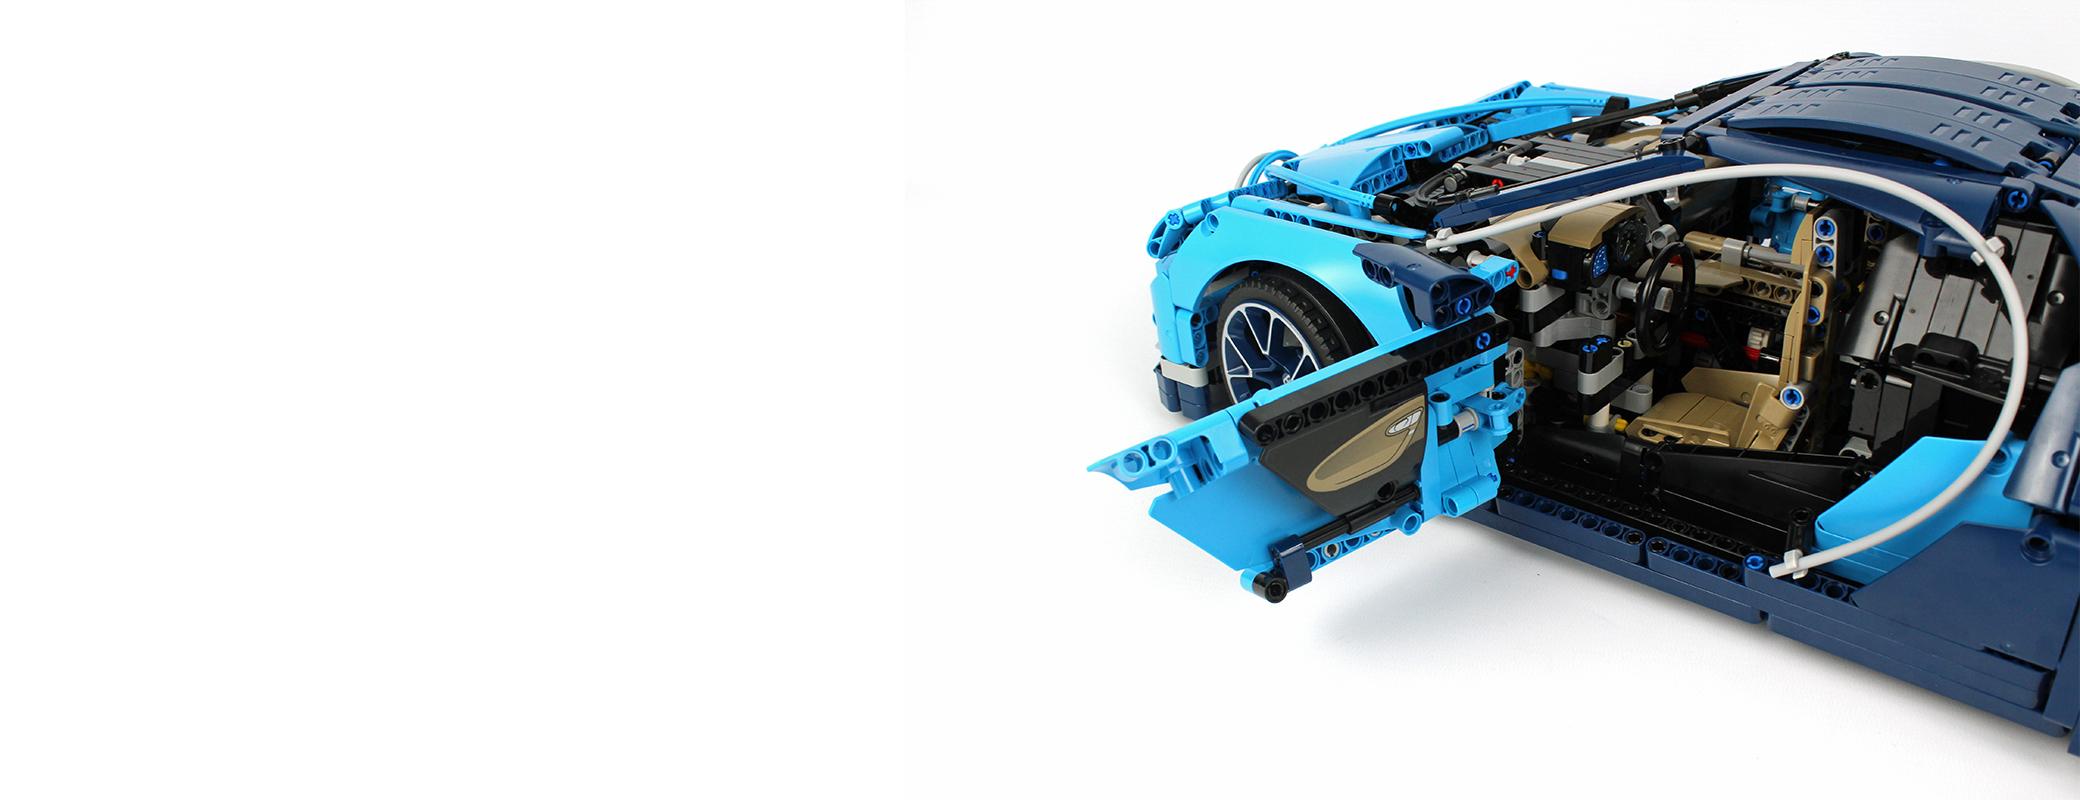 Эксклюзивные модели LEGO TECHNIC